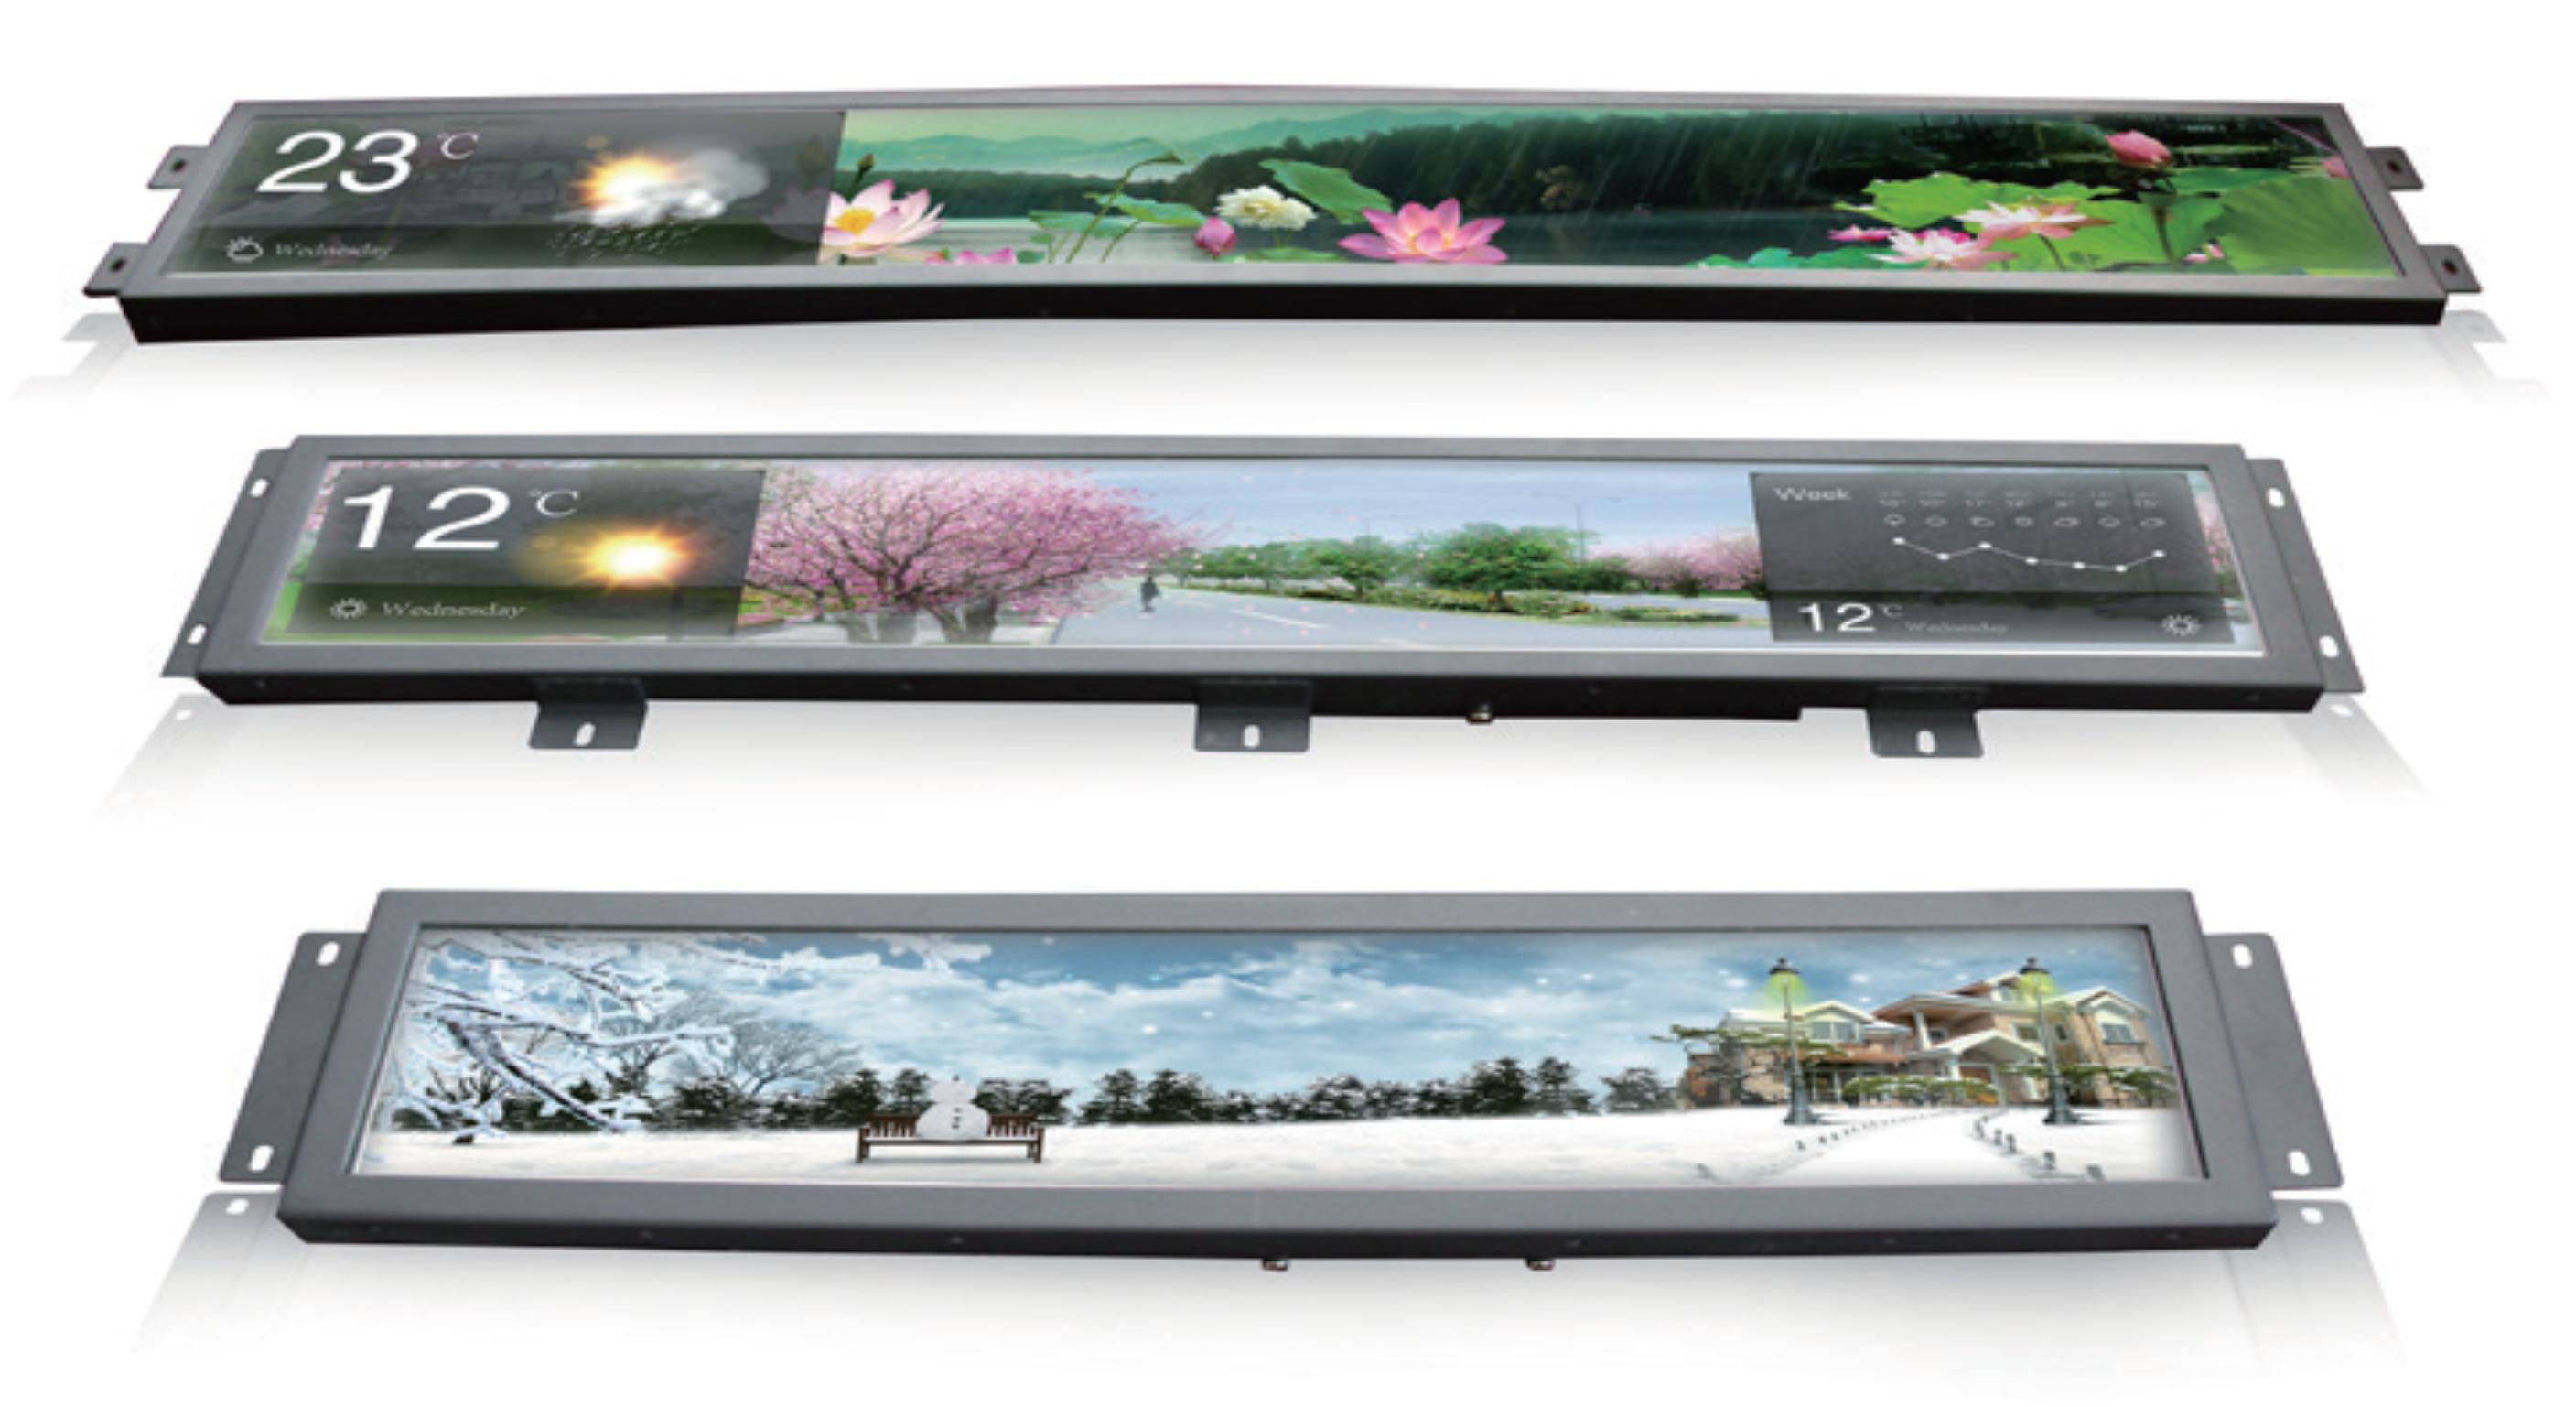 条屏、LCD条屏、长条屏、长条液 条屏、长条屏、长条液晶屏